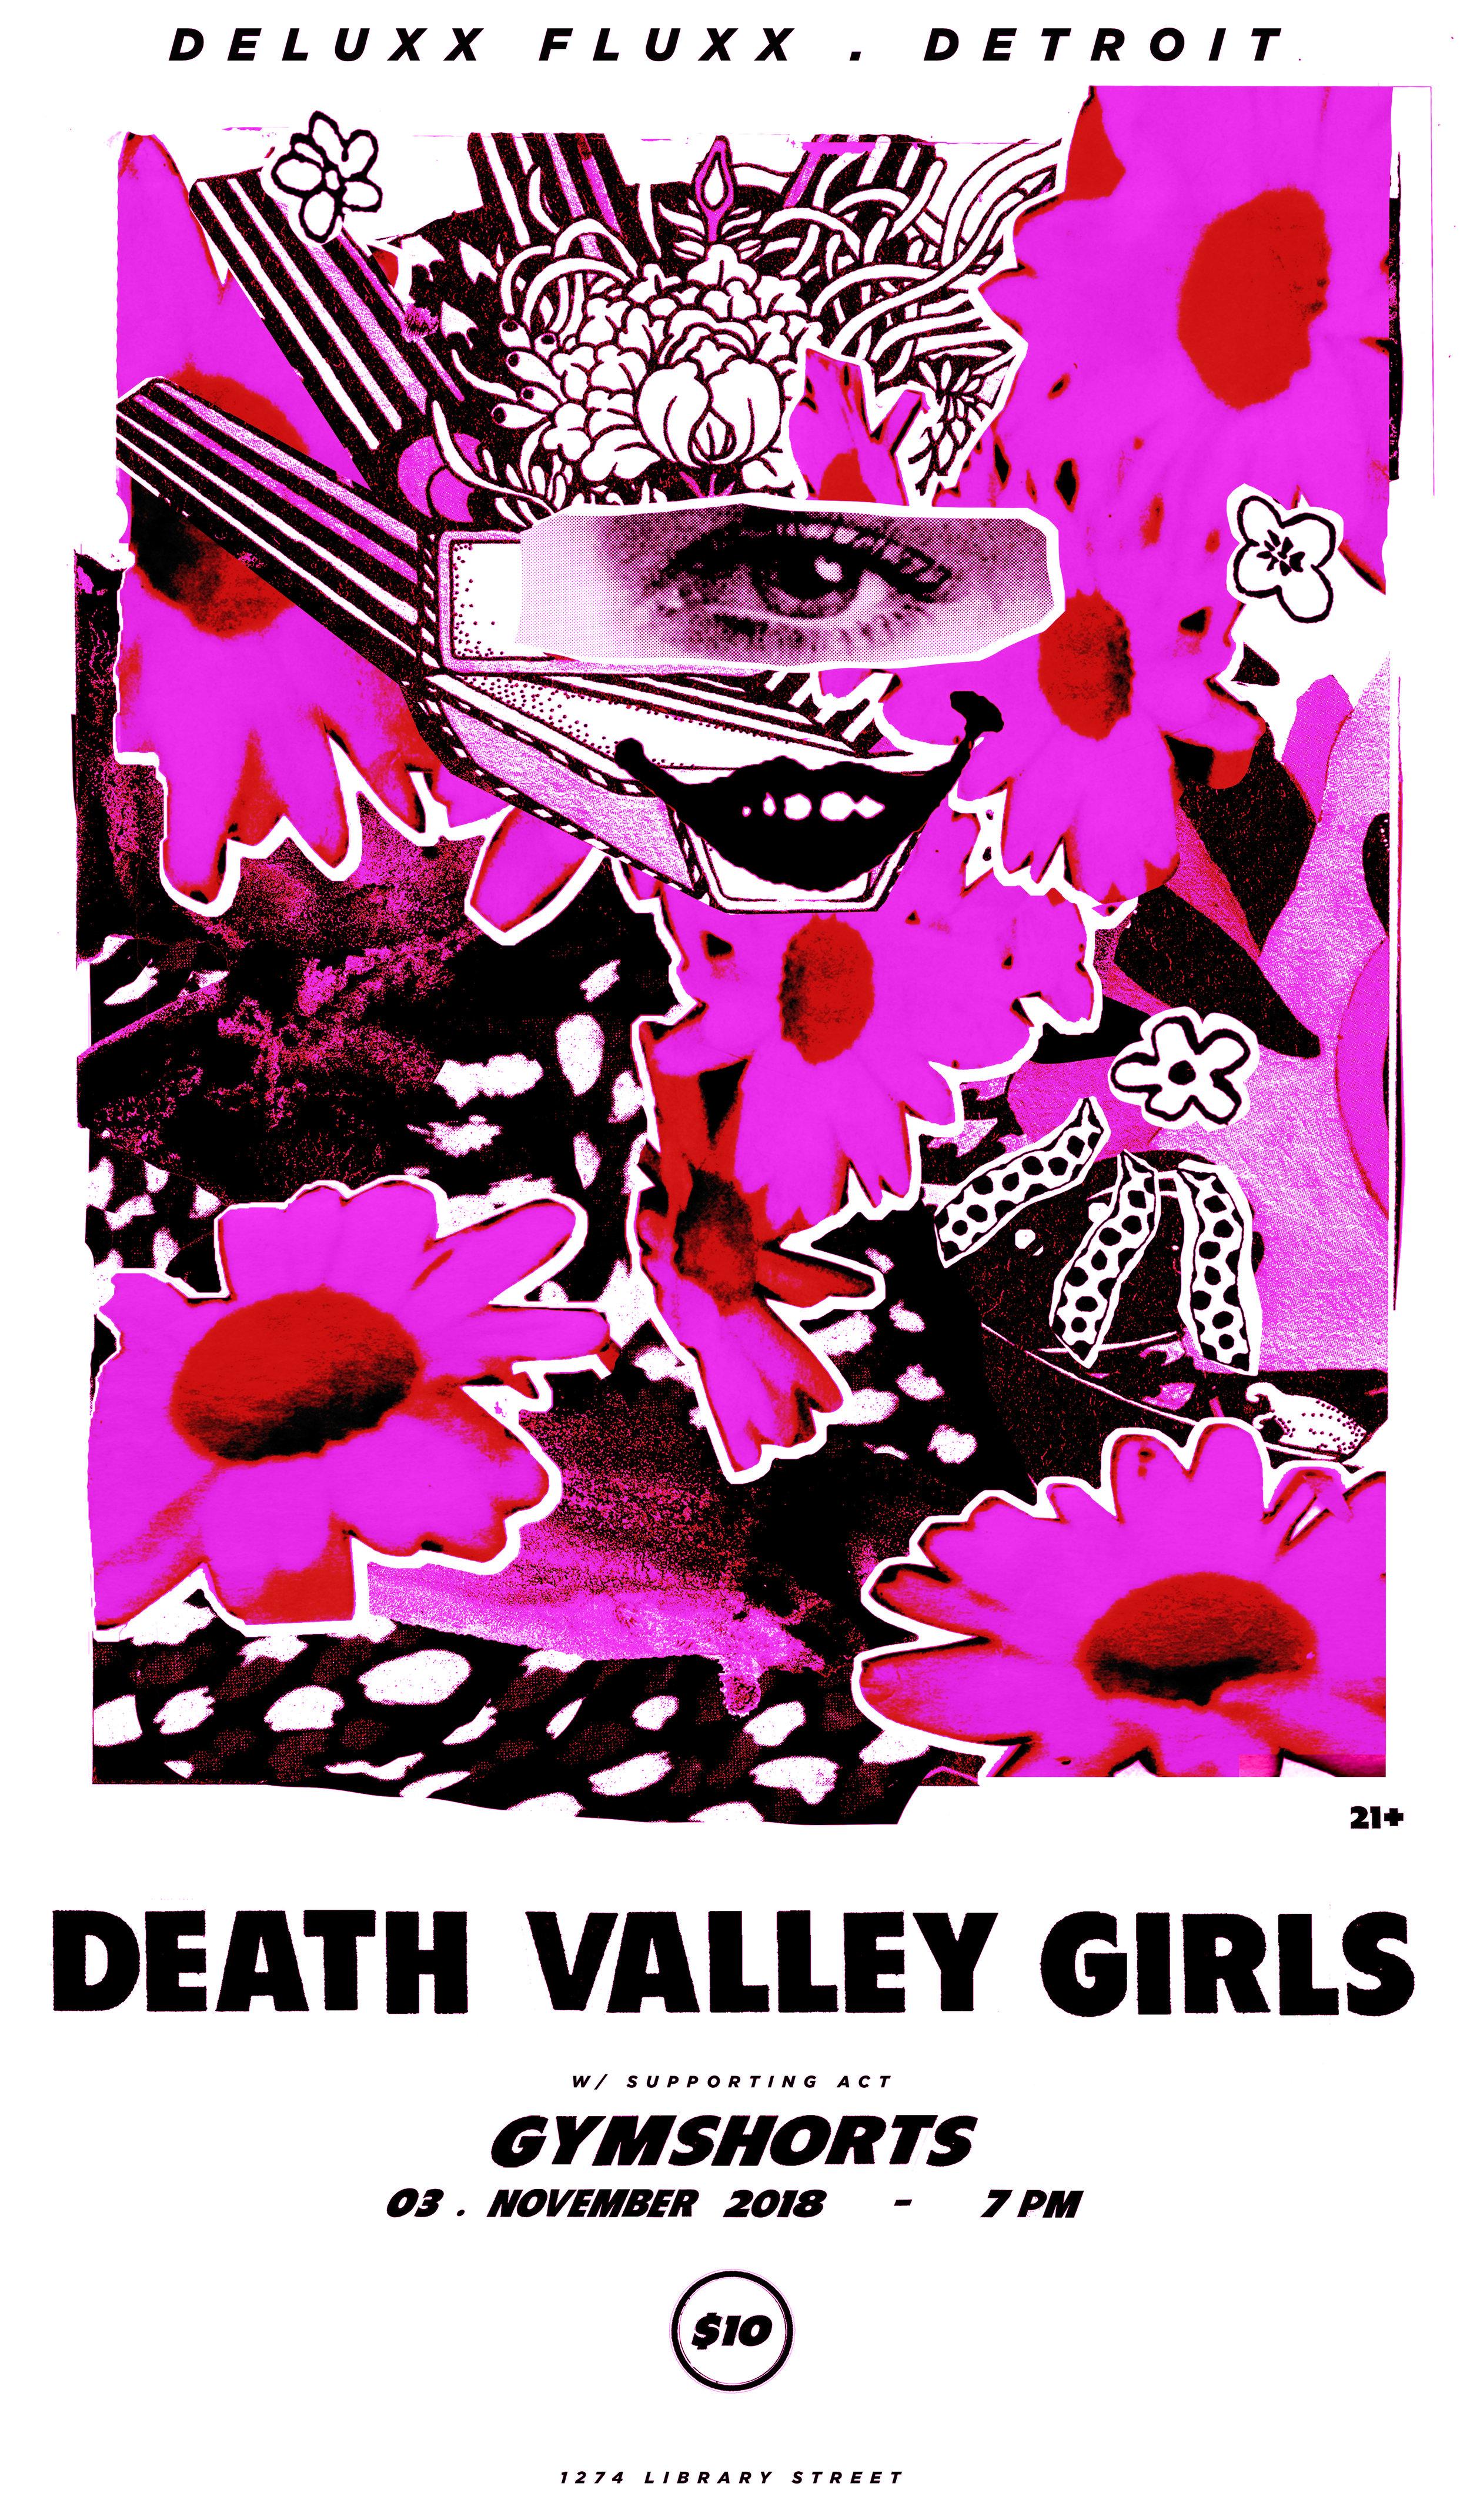 DeathValleyGirls_Flat_03.jpg